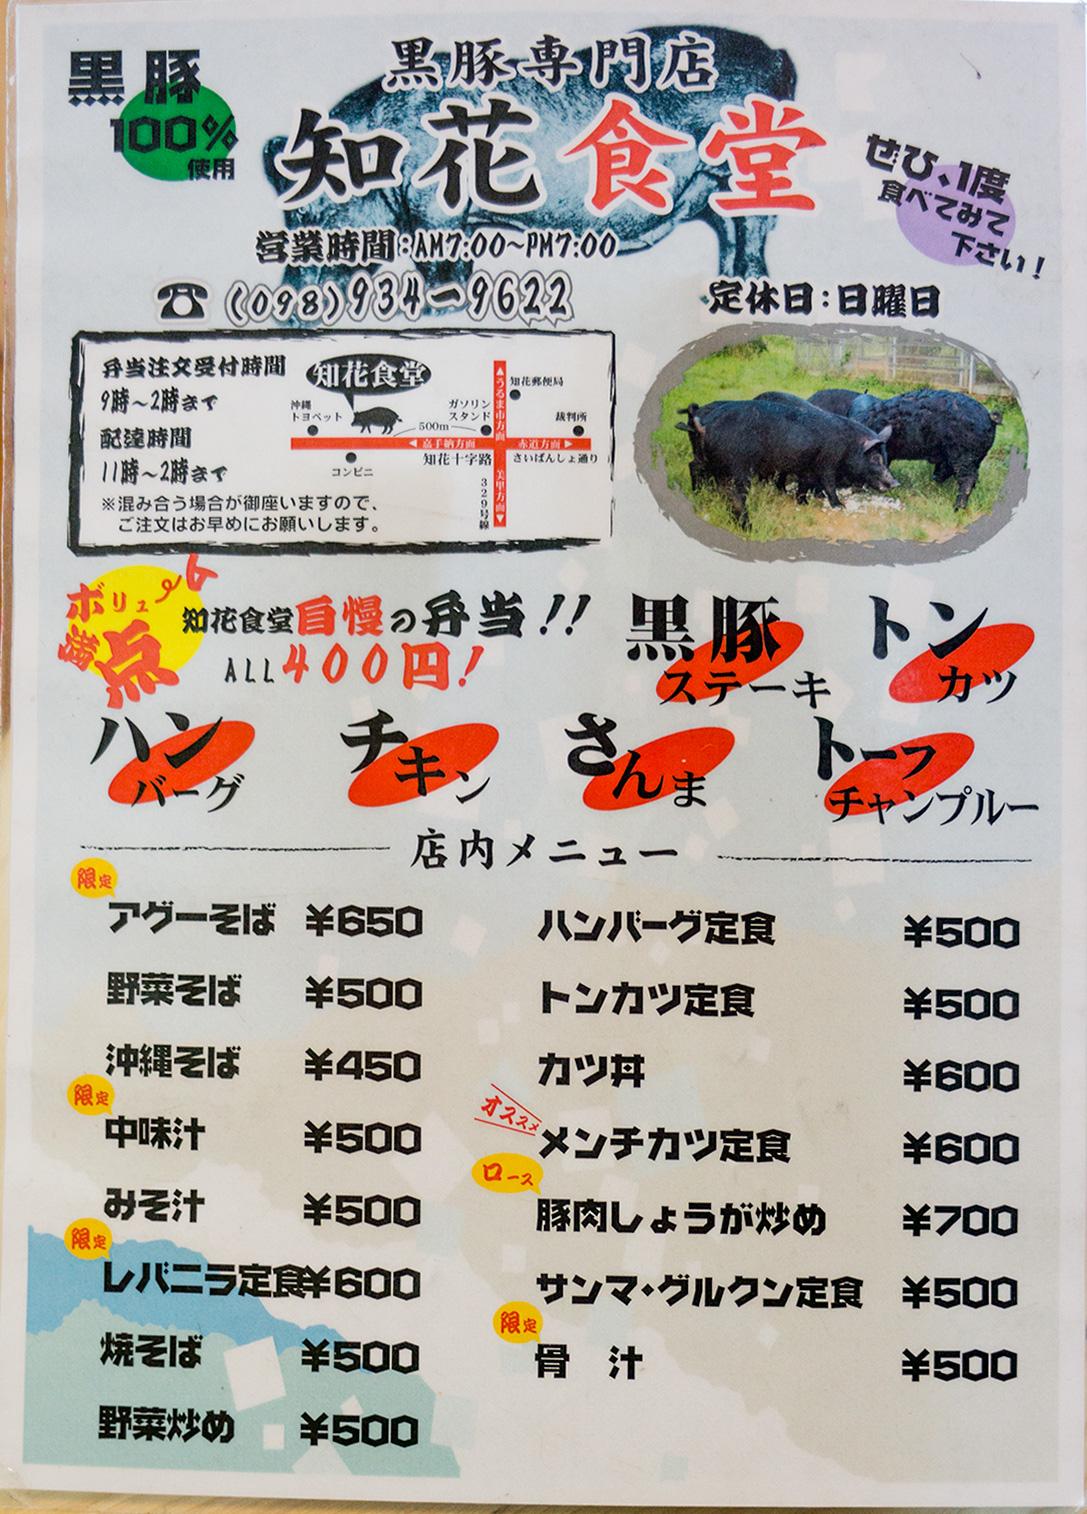 menu2_chibana_syokudo.jpg